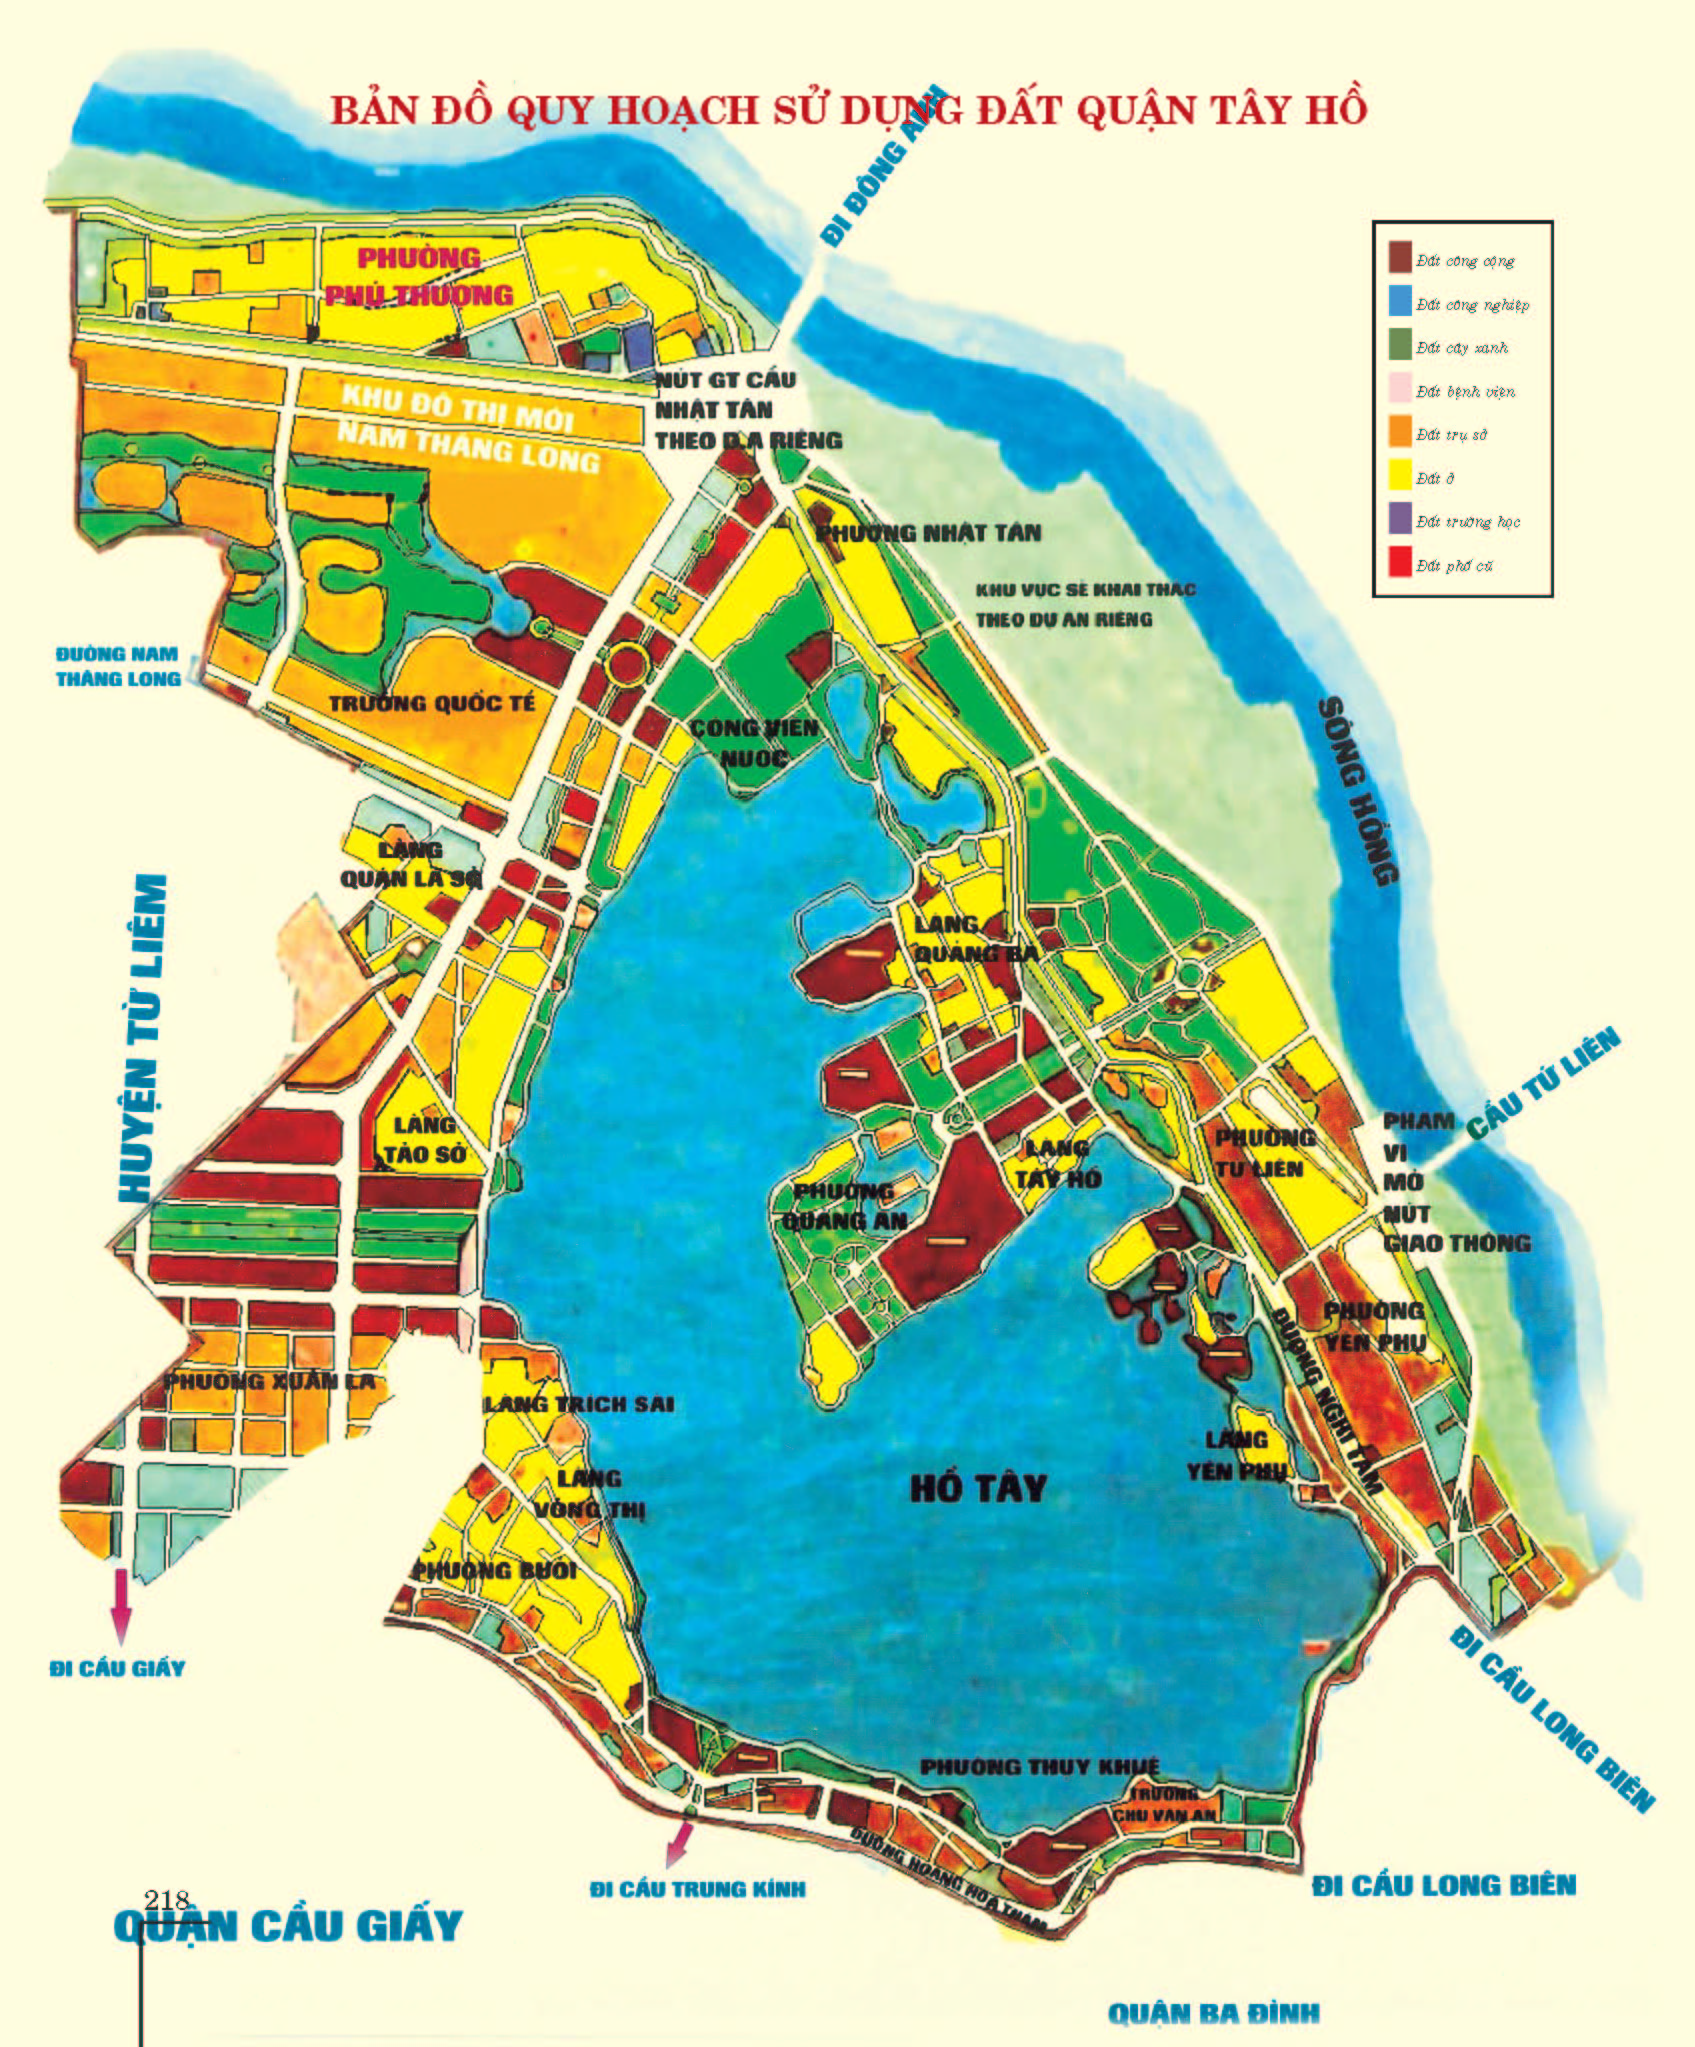 Bản đồ hành chính quận Tây Hồ